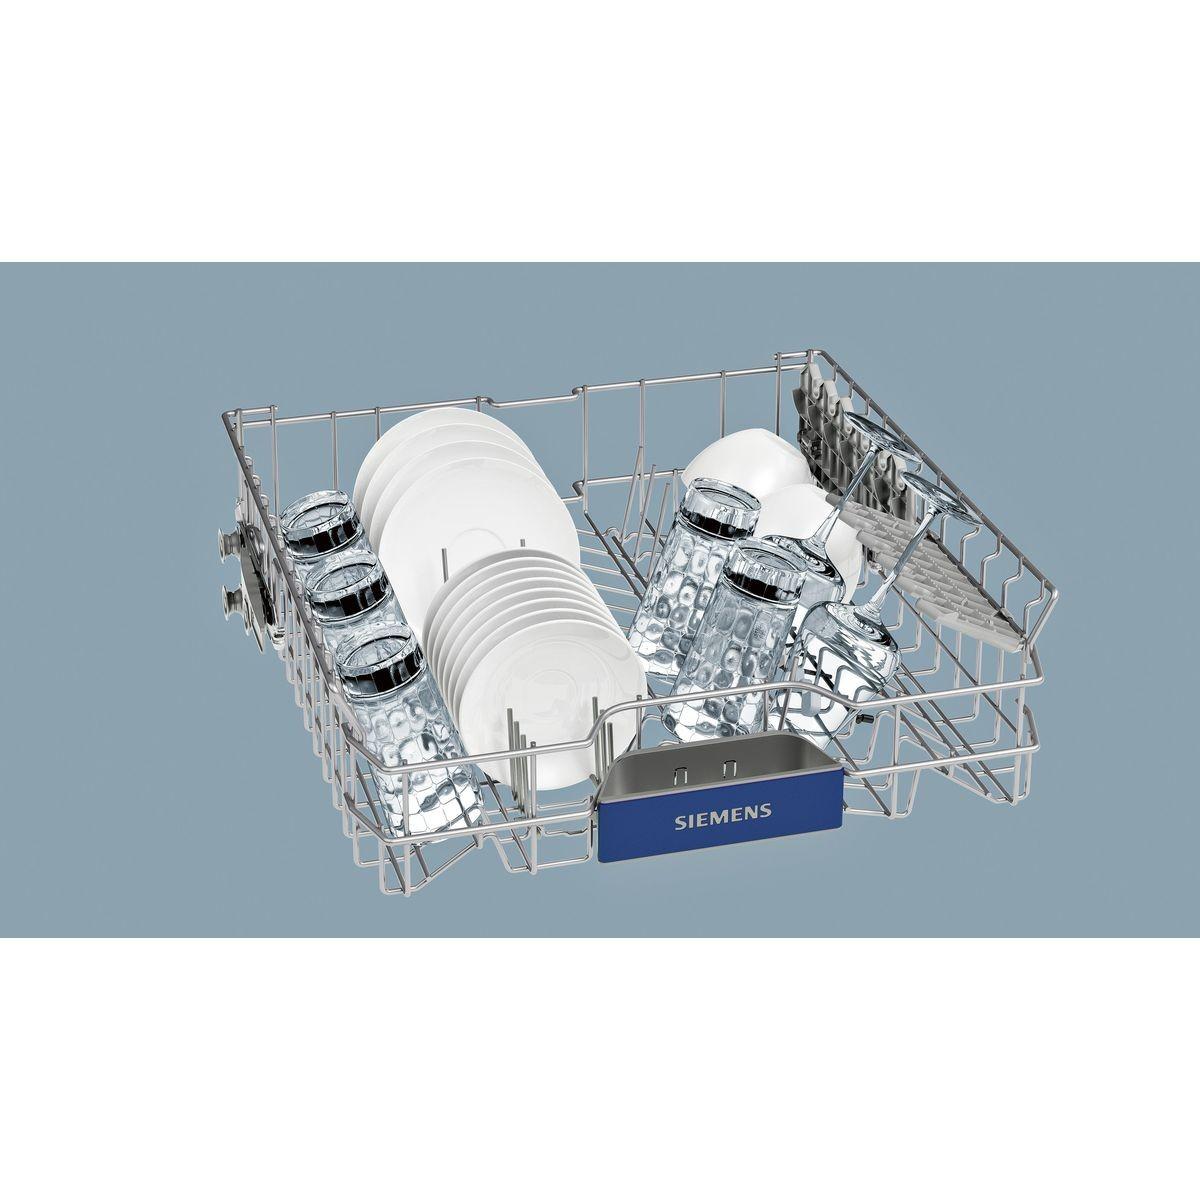 Sn458s02me Lave Vaisselle Encastrable 14 Couverts 42db A Larg 60cm Moteur Induction Taille Taille Unique Lave Vaisselle Lave Vaisselle Integrable Et Lave Vaisselle Encastrable